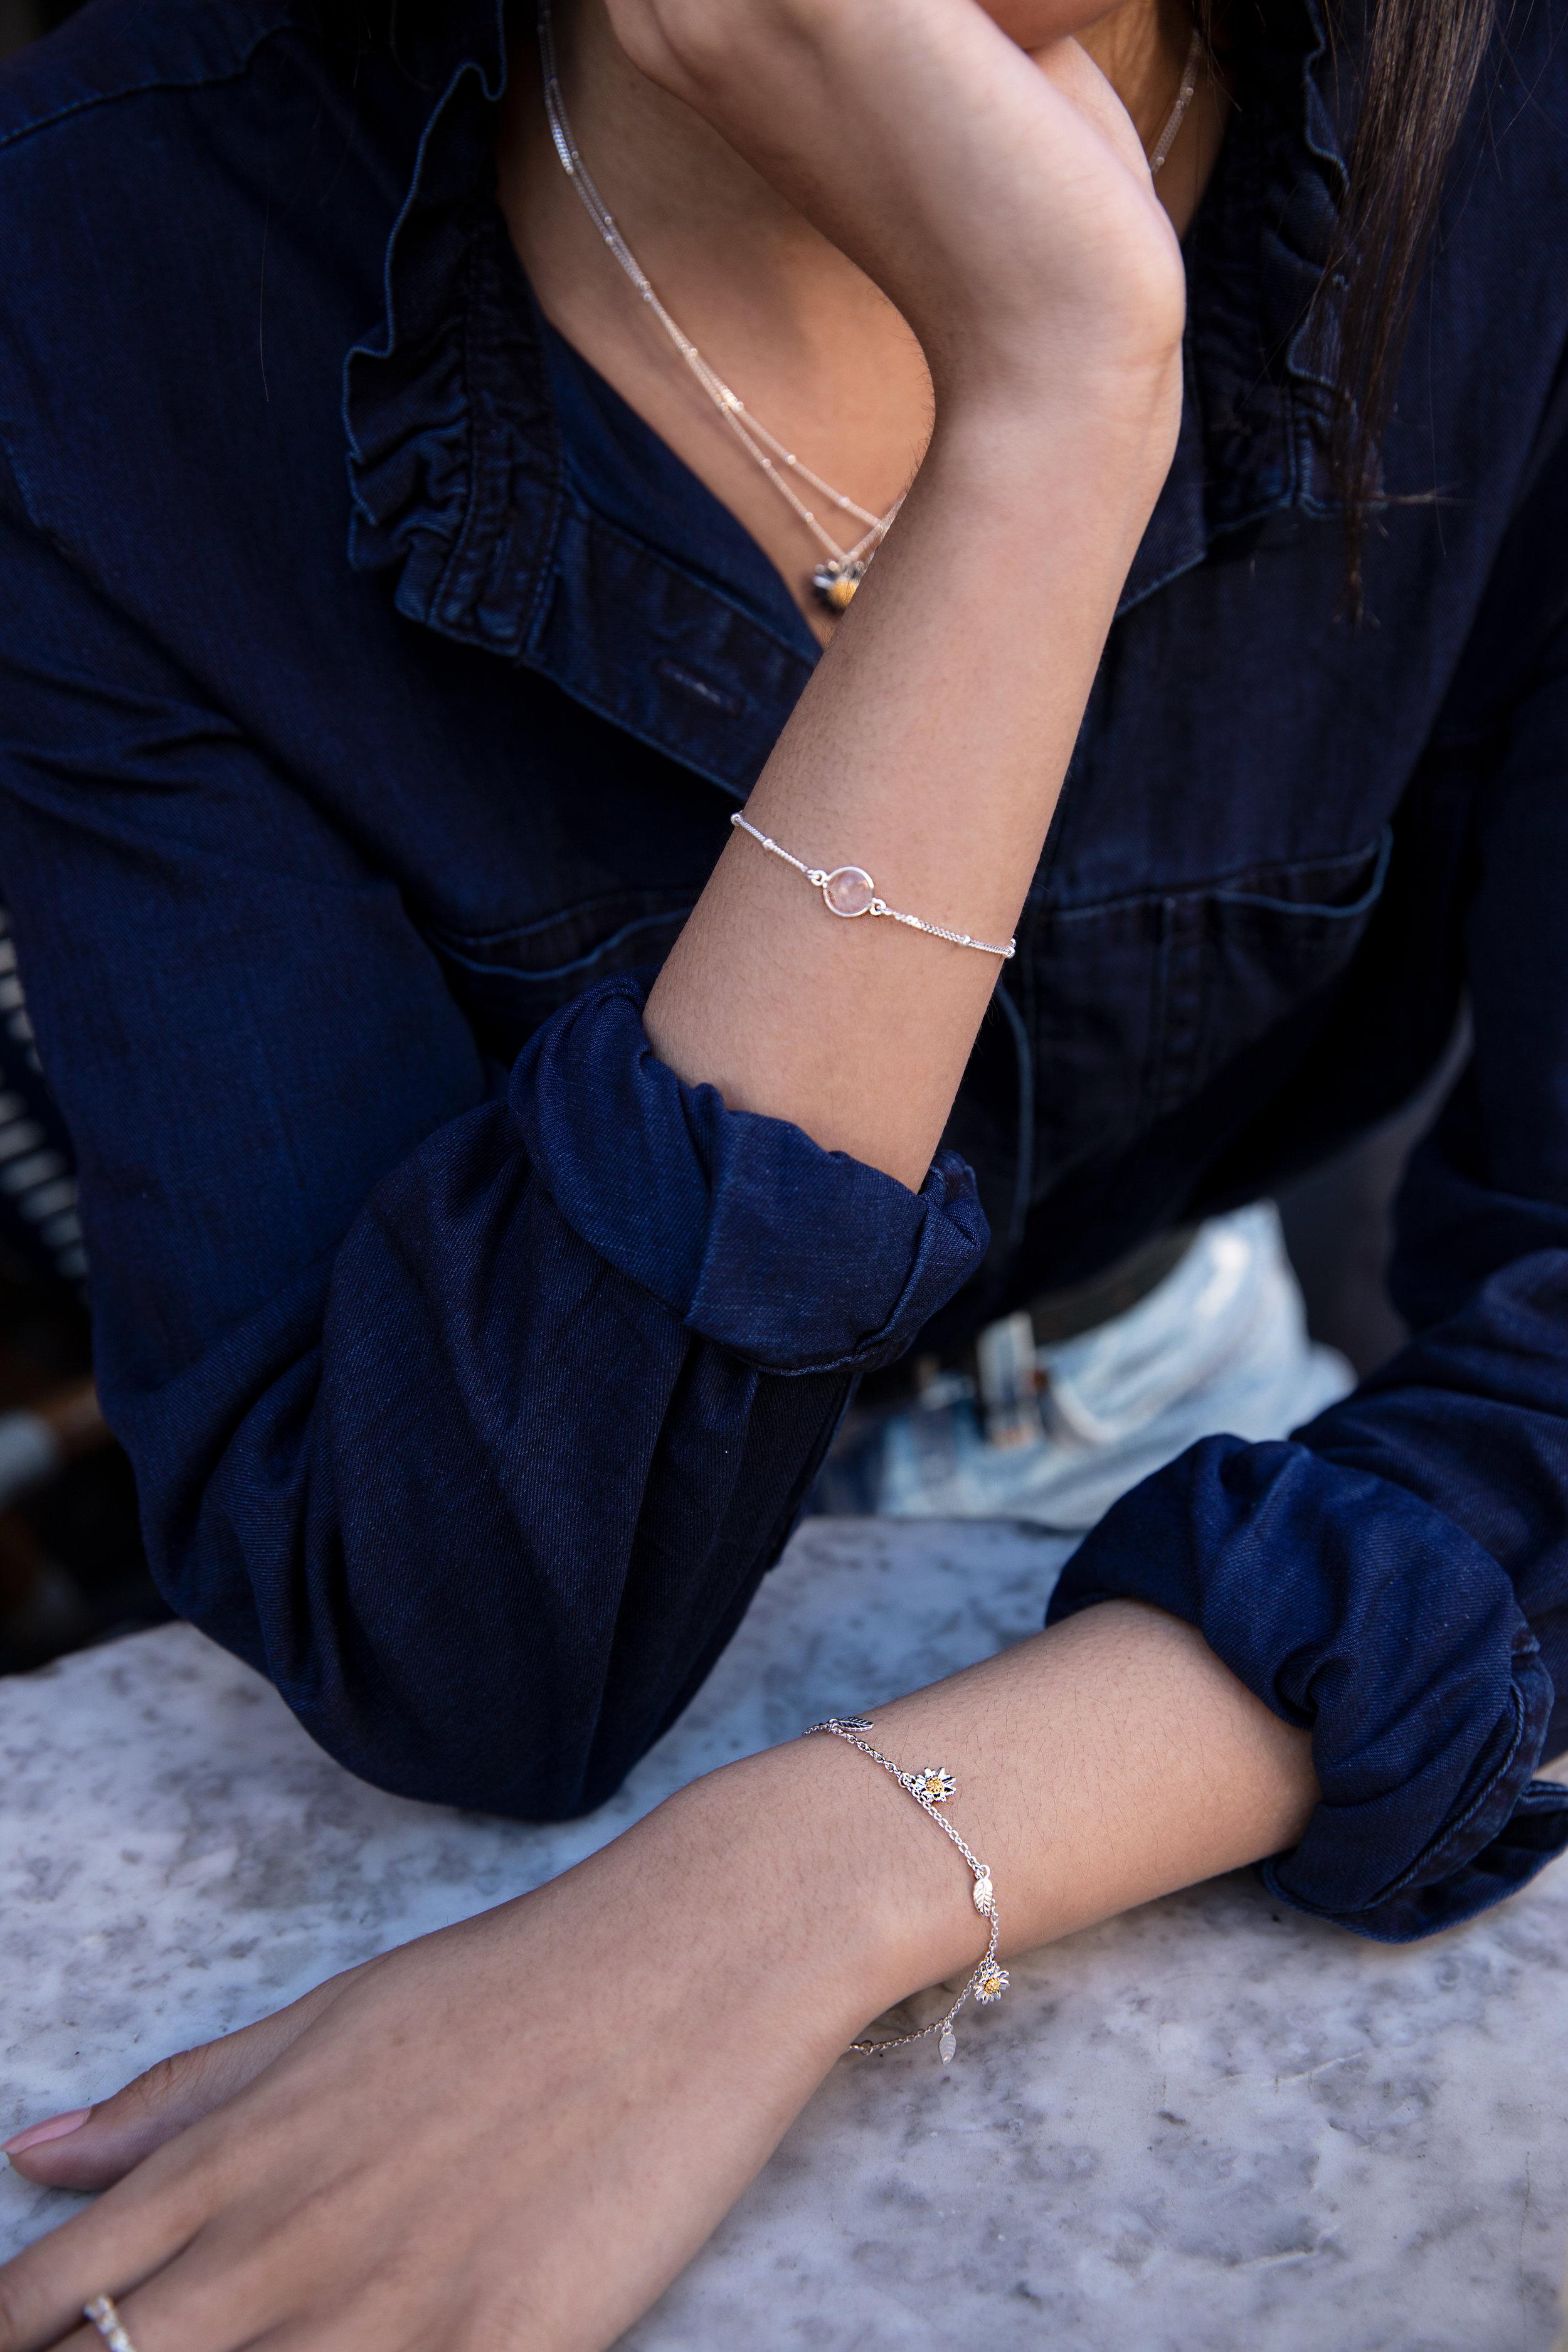 Karolina-kaczynska-daisy-jewellery-8